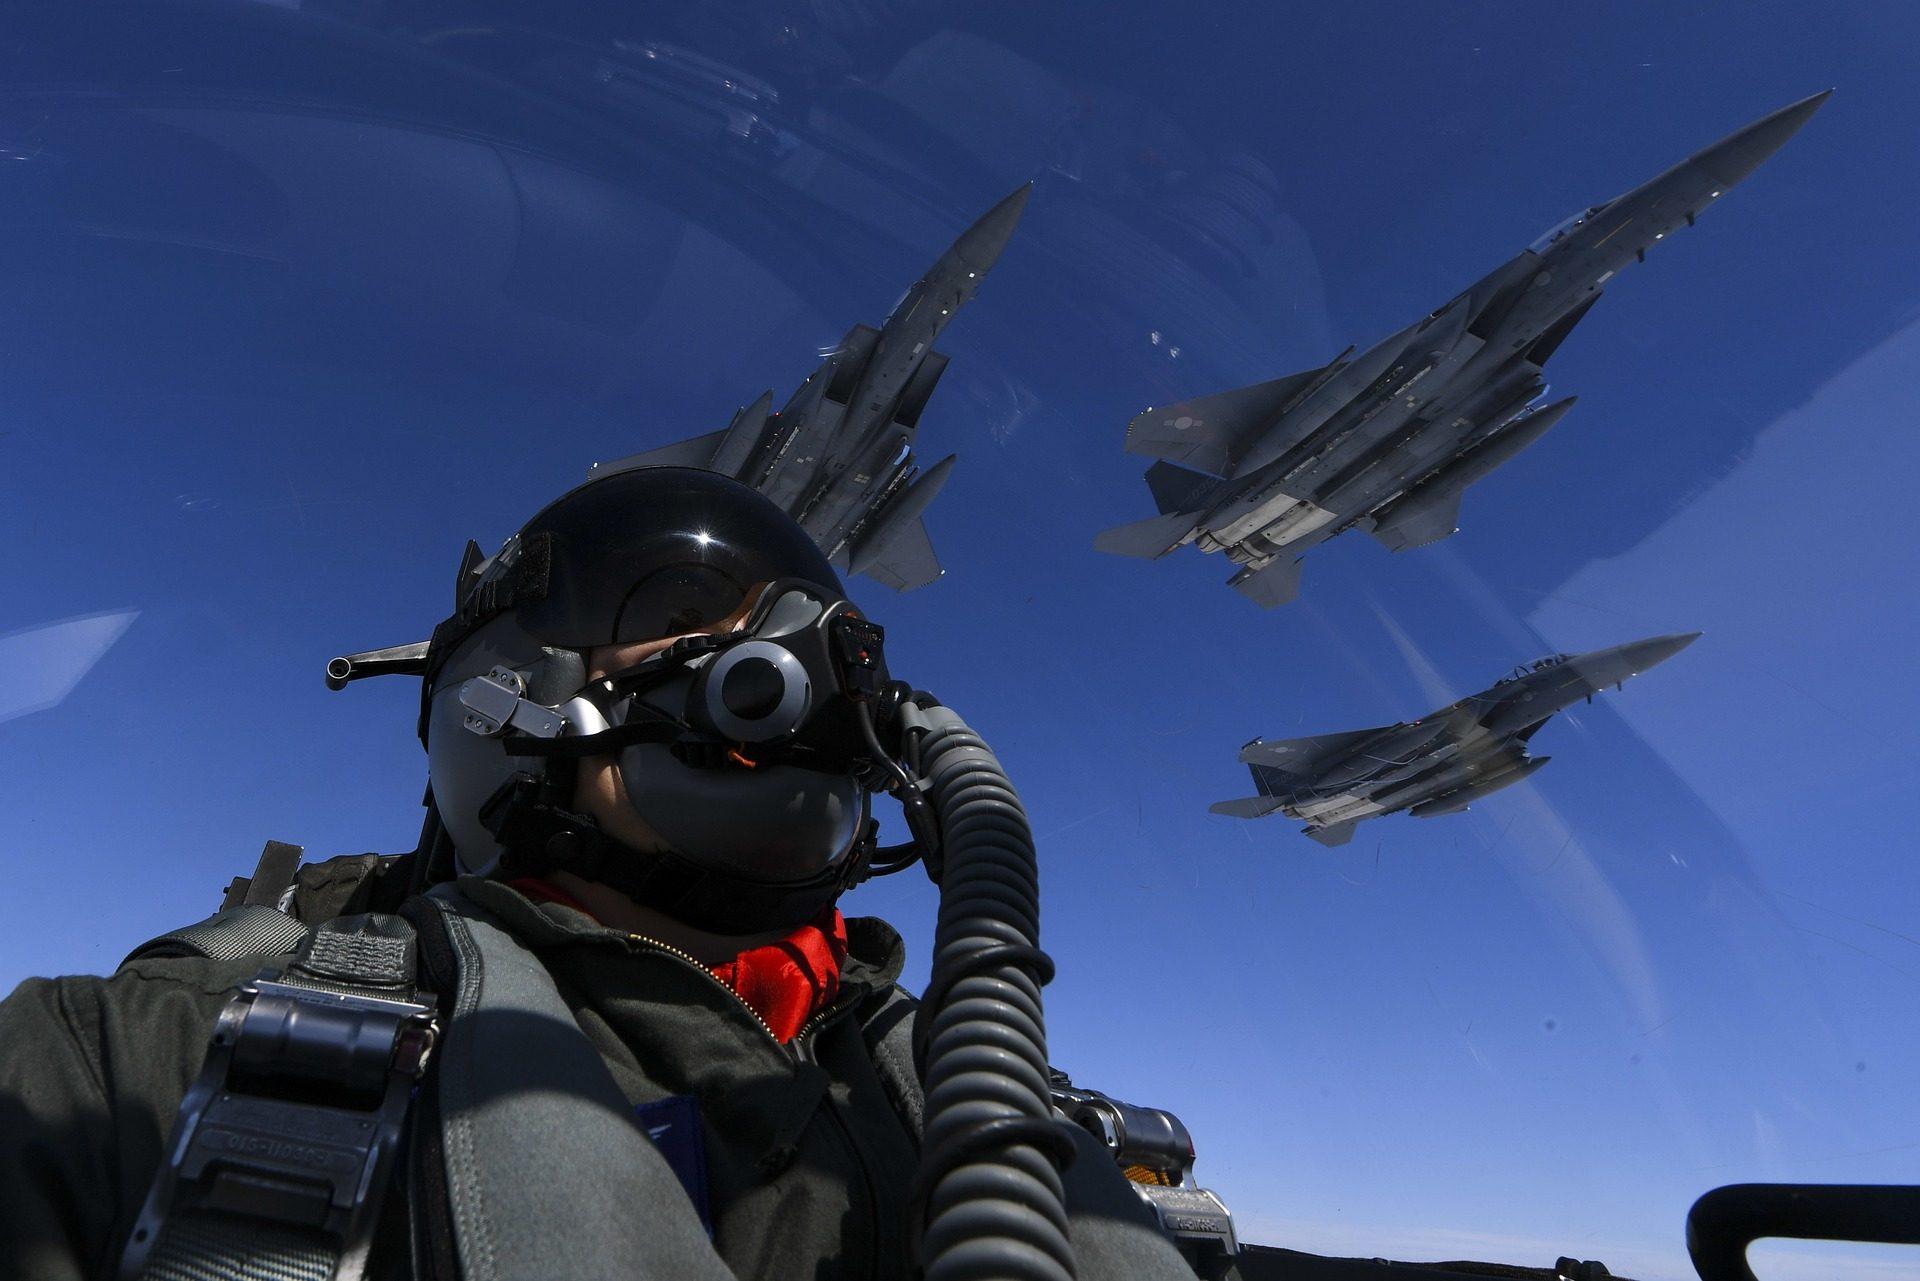 पायलट, विमान, सेनानियों, केबिन, एफ-15 - HD वॉलपेपर - प्रोफेसर-falken.com